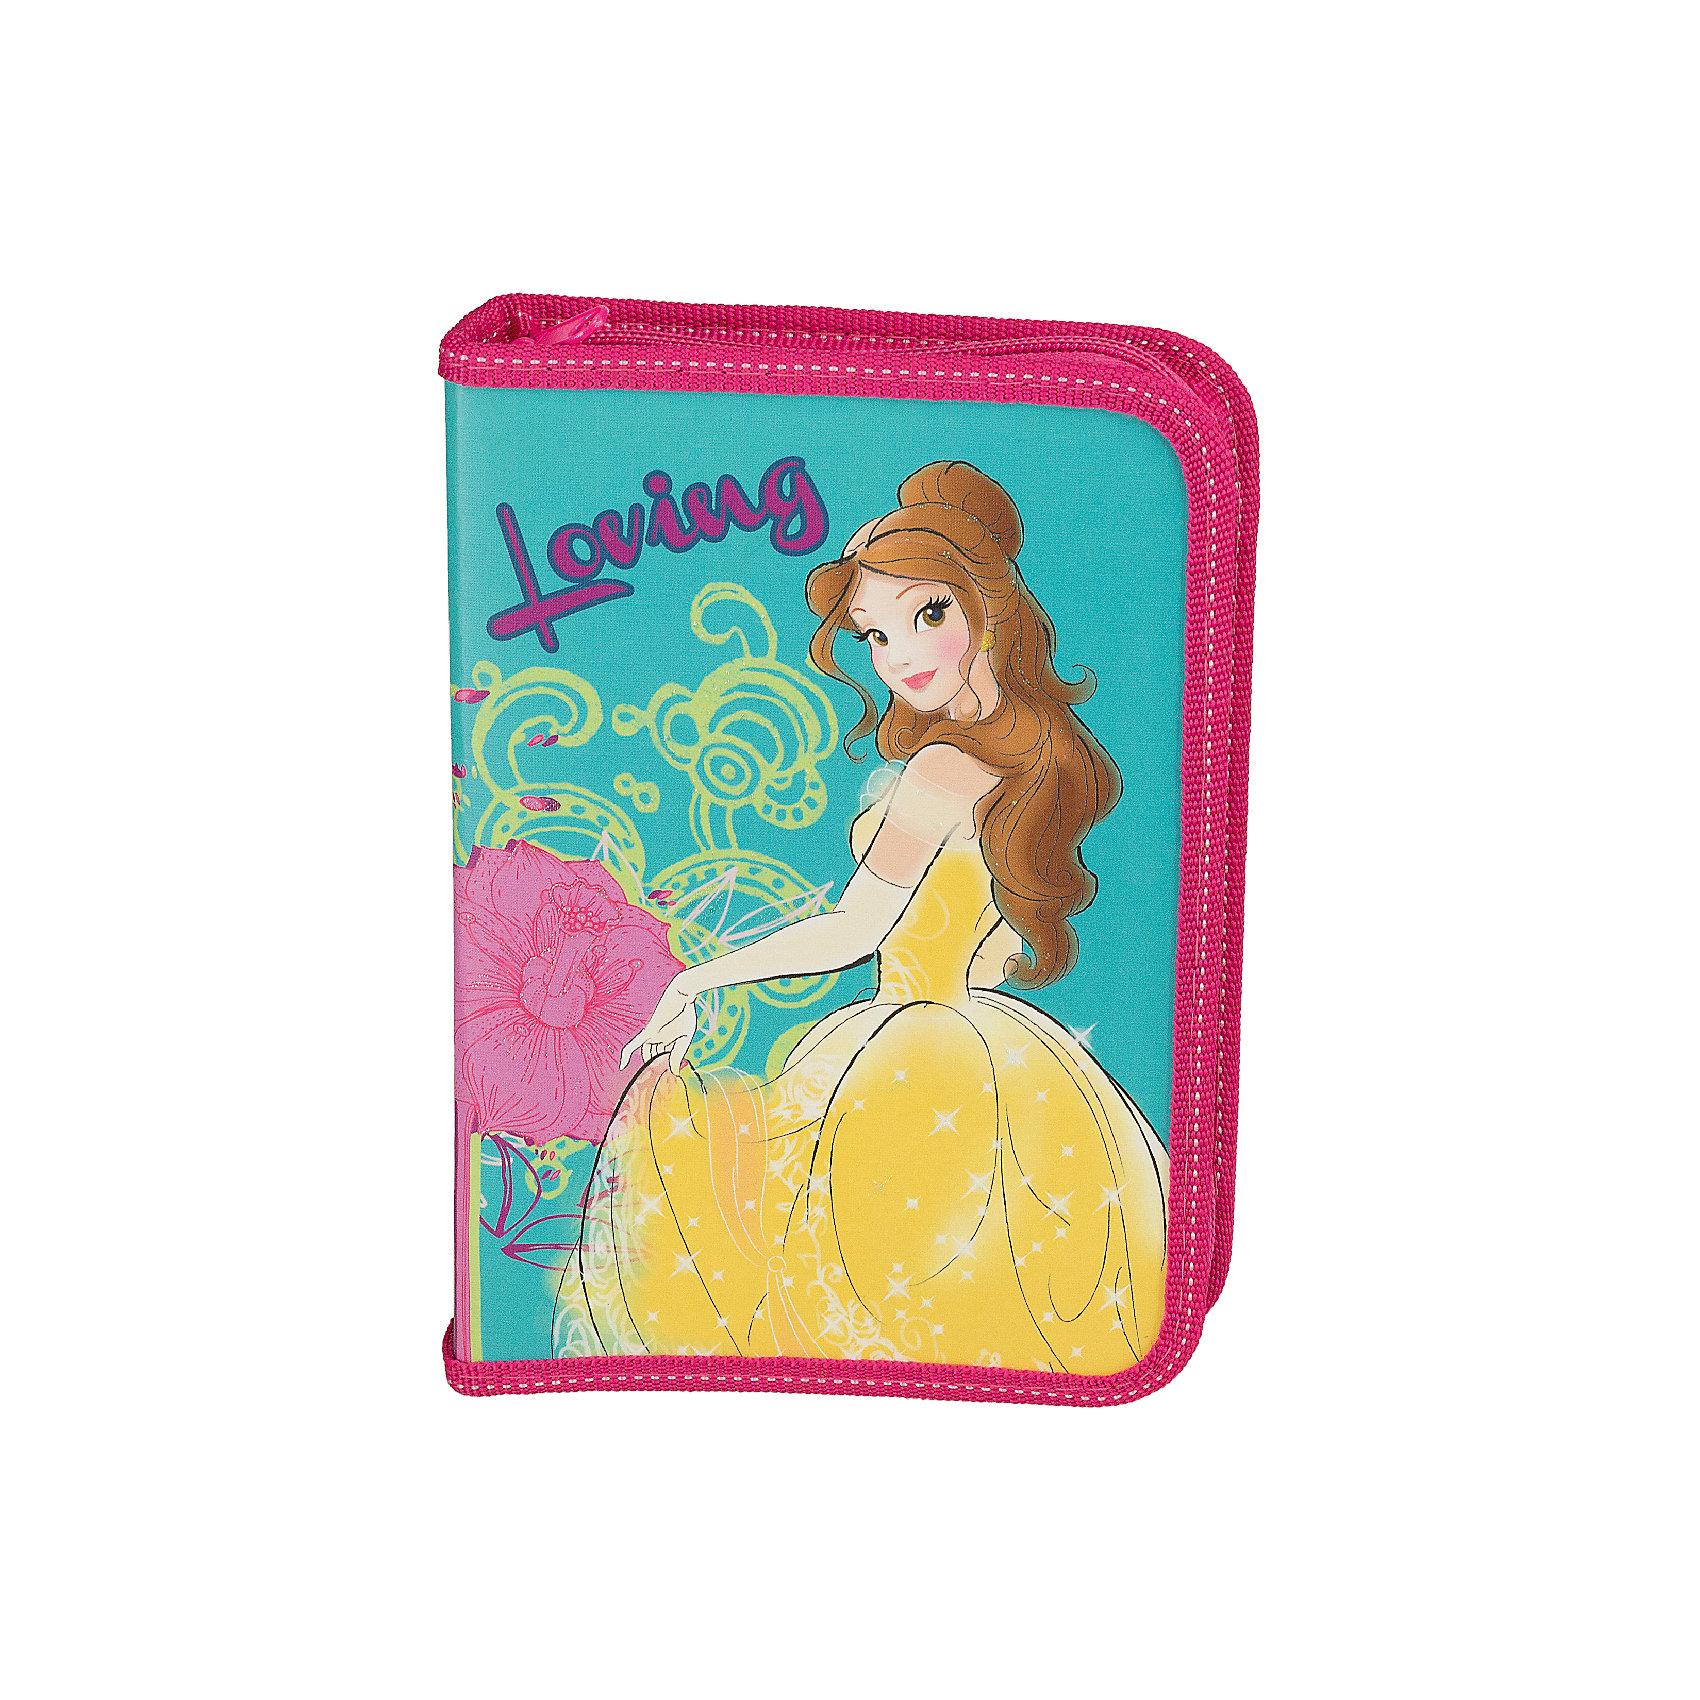 Пенал жесткий Kinderline Disney Princess Бель, без наполненияПеналы без наполнения<br>Характеристики товара:<br><br>• дополнительный клапан;<br>• удобные крепления;<br>• размер: 20,5х14х3,5 см;<br>• возраст: от 5 лет;<br>• вес: 230 грамм;<br>• страна: Китай.<br><br>Пенал Princess изготовлен из прочного износостойкого материала. Пенал имеет одно отделение, застегивающееся с помощью молнии.<br><br>Внутри пенала есть откидной клапан и крепления для канцелярских принадлежностей. Лицевая сторона оформлена изображением принцессы Белль.<br><br>Princess Пенал жесткий ламинированный с клапаном Размер 20,5 х 14 х 3,5 см. можно купить в нашем интернет-магазине.<br><br>Ширина мм: 205<br>Глубина мм: 140<br>Высота мм: 35<br>Вес г: 160<br>Возраст от месяцев: 48<br>Возраст до месяцев: 2147483647<br>Пол: Женский<br>Возраст: Детский<br>SKU: 6892457